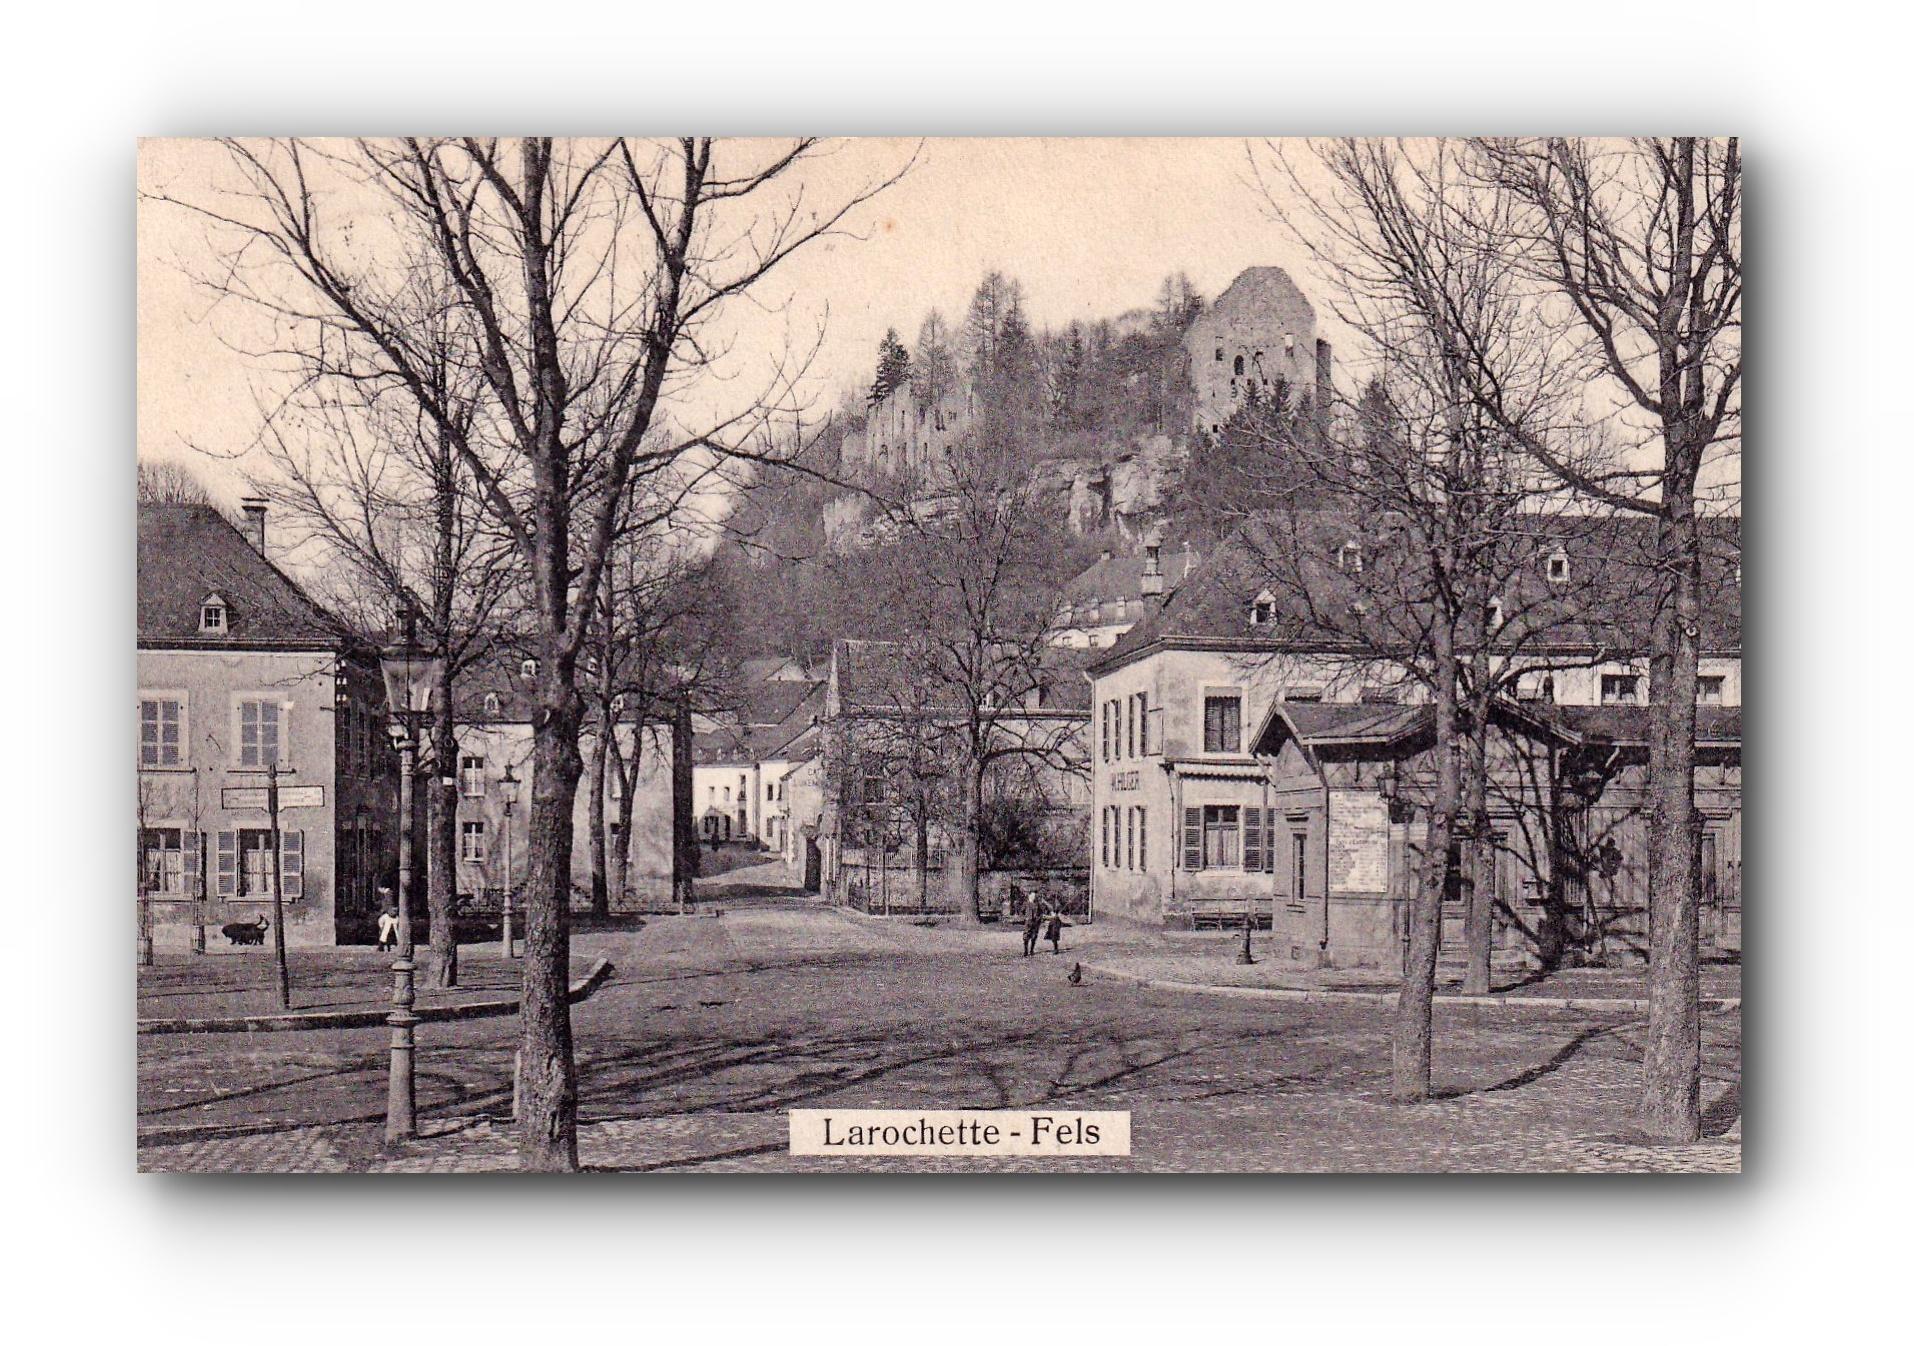 LAROCHETTE - 31.10.1911 - Fels -